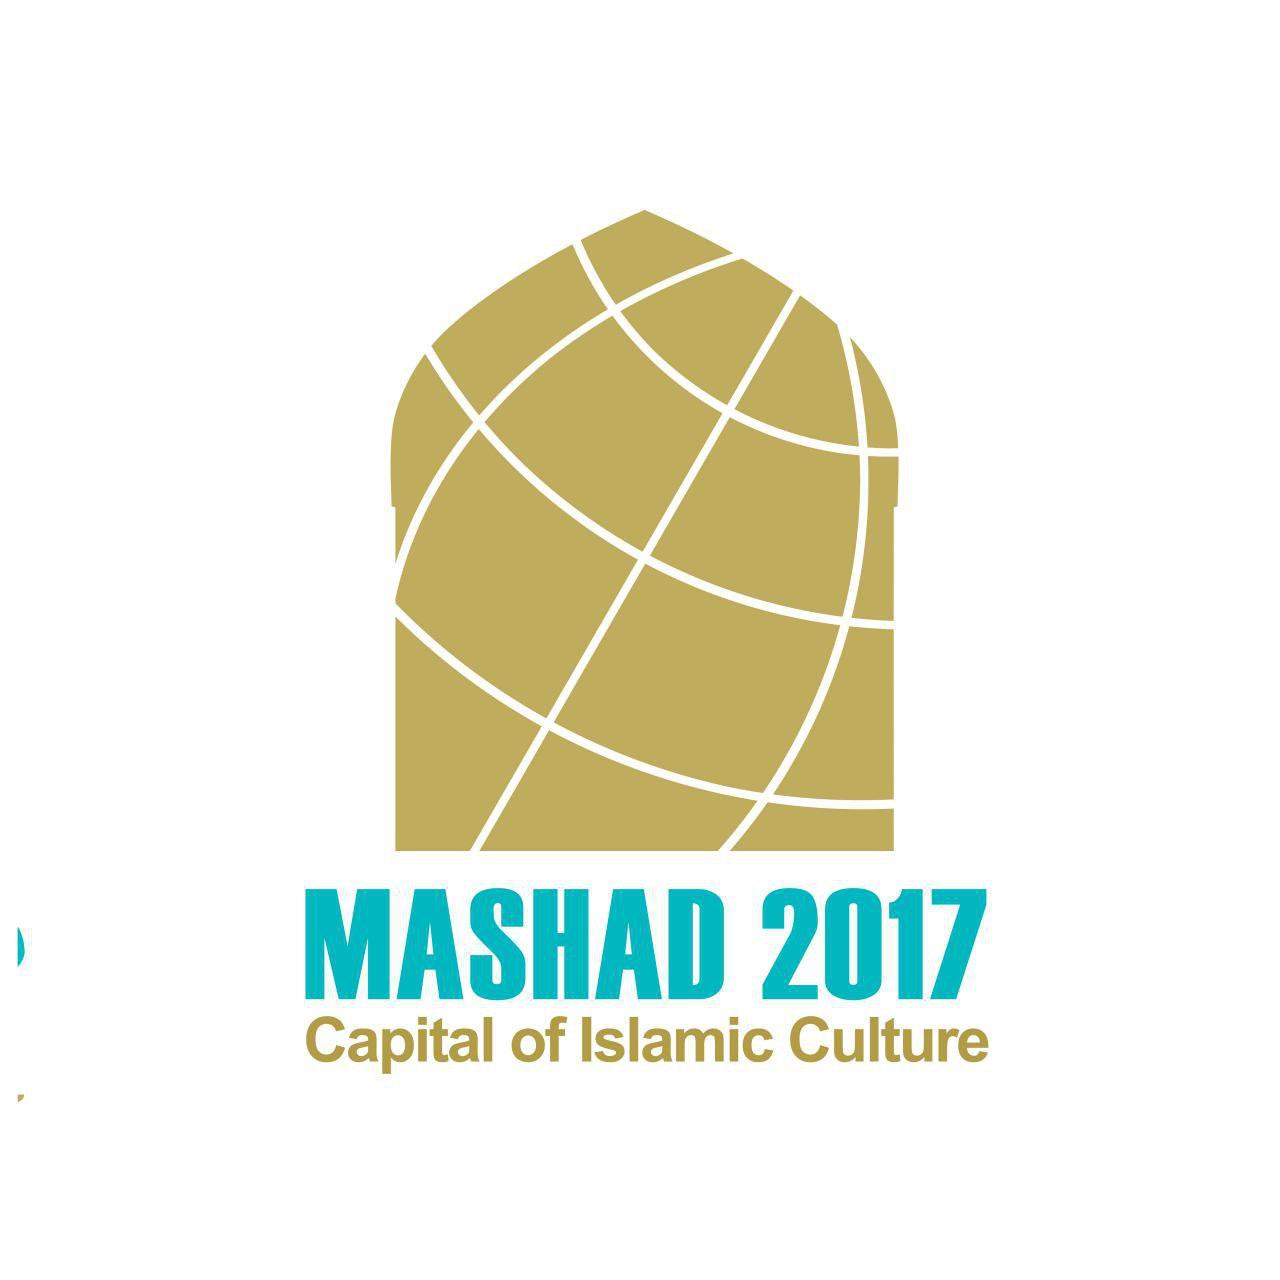 پایگاه خبری صبح مشهد روند طراحی نشان مشهد ۲۰۱۷ از زبان خالق اثر ...مشهد